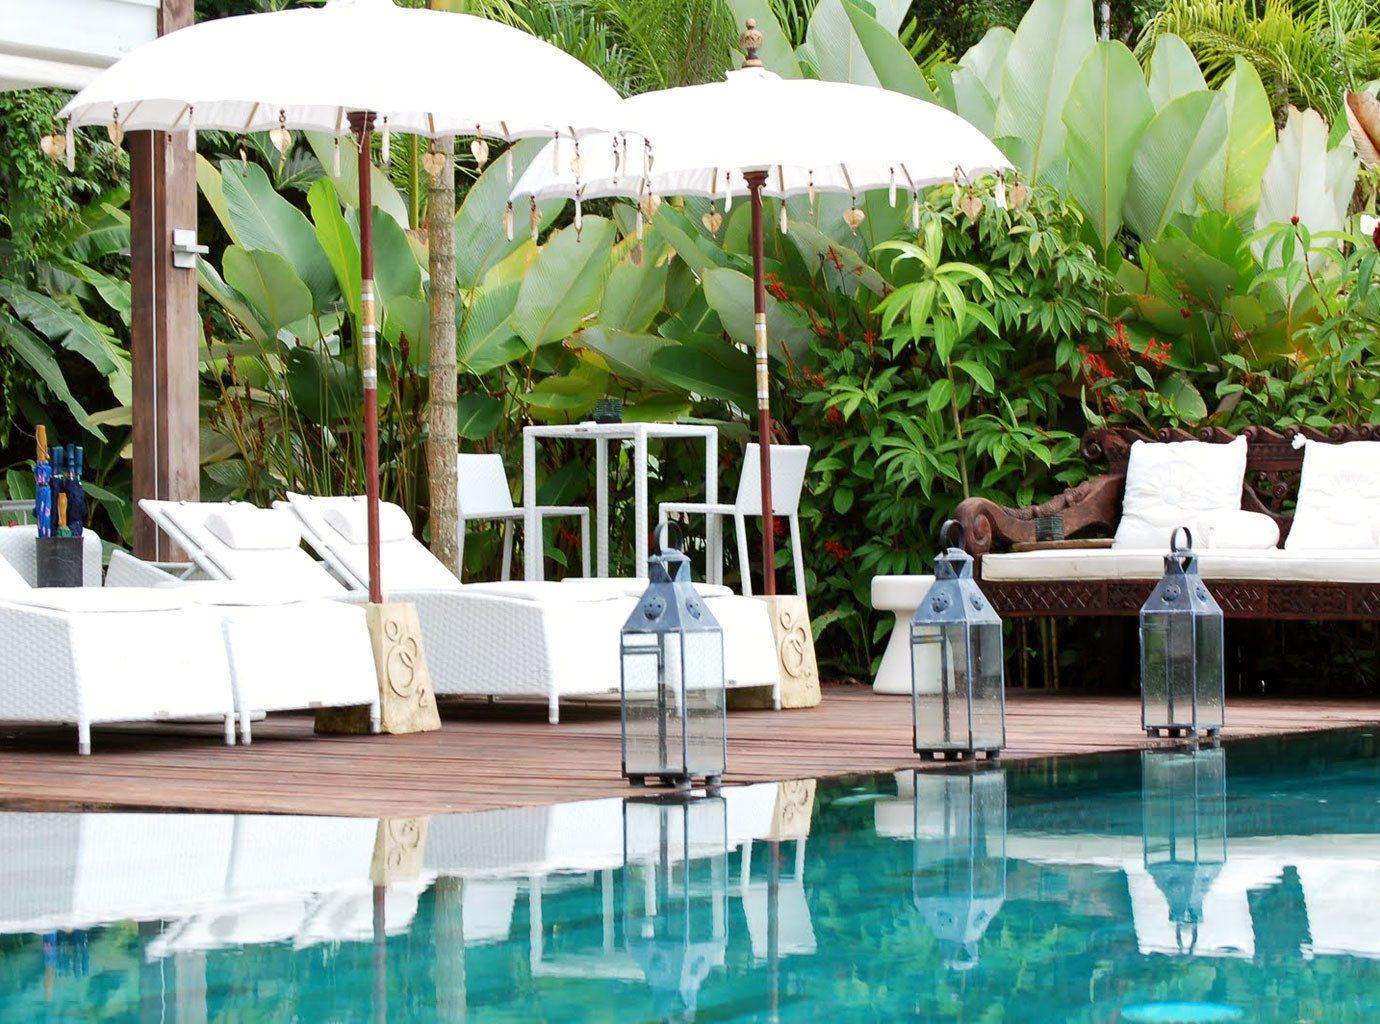 Pool At Oxygen Jungle Villas In Uvita, Costa Rica